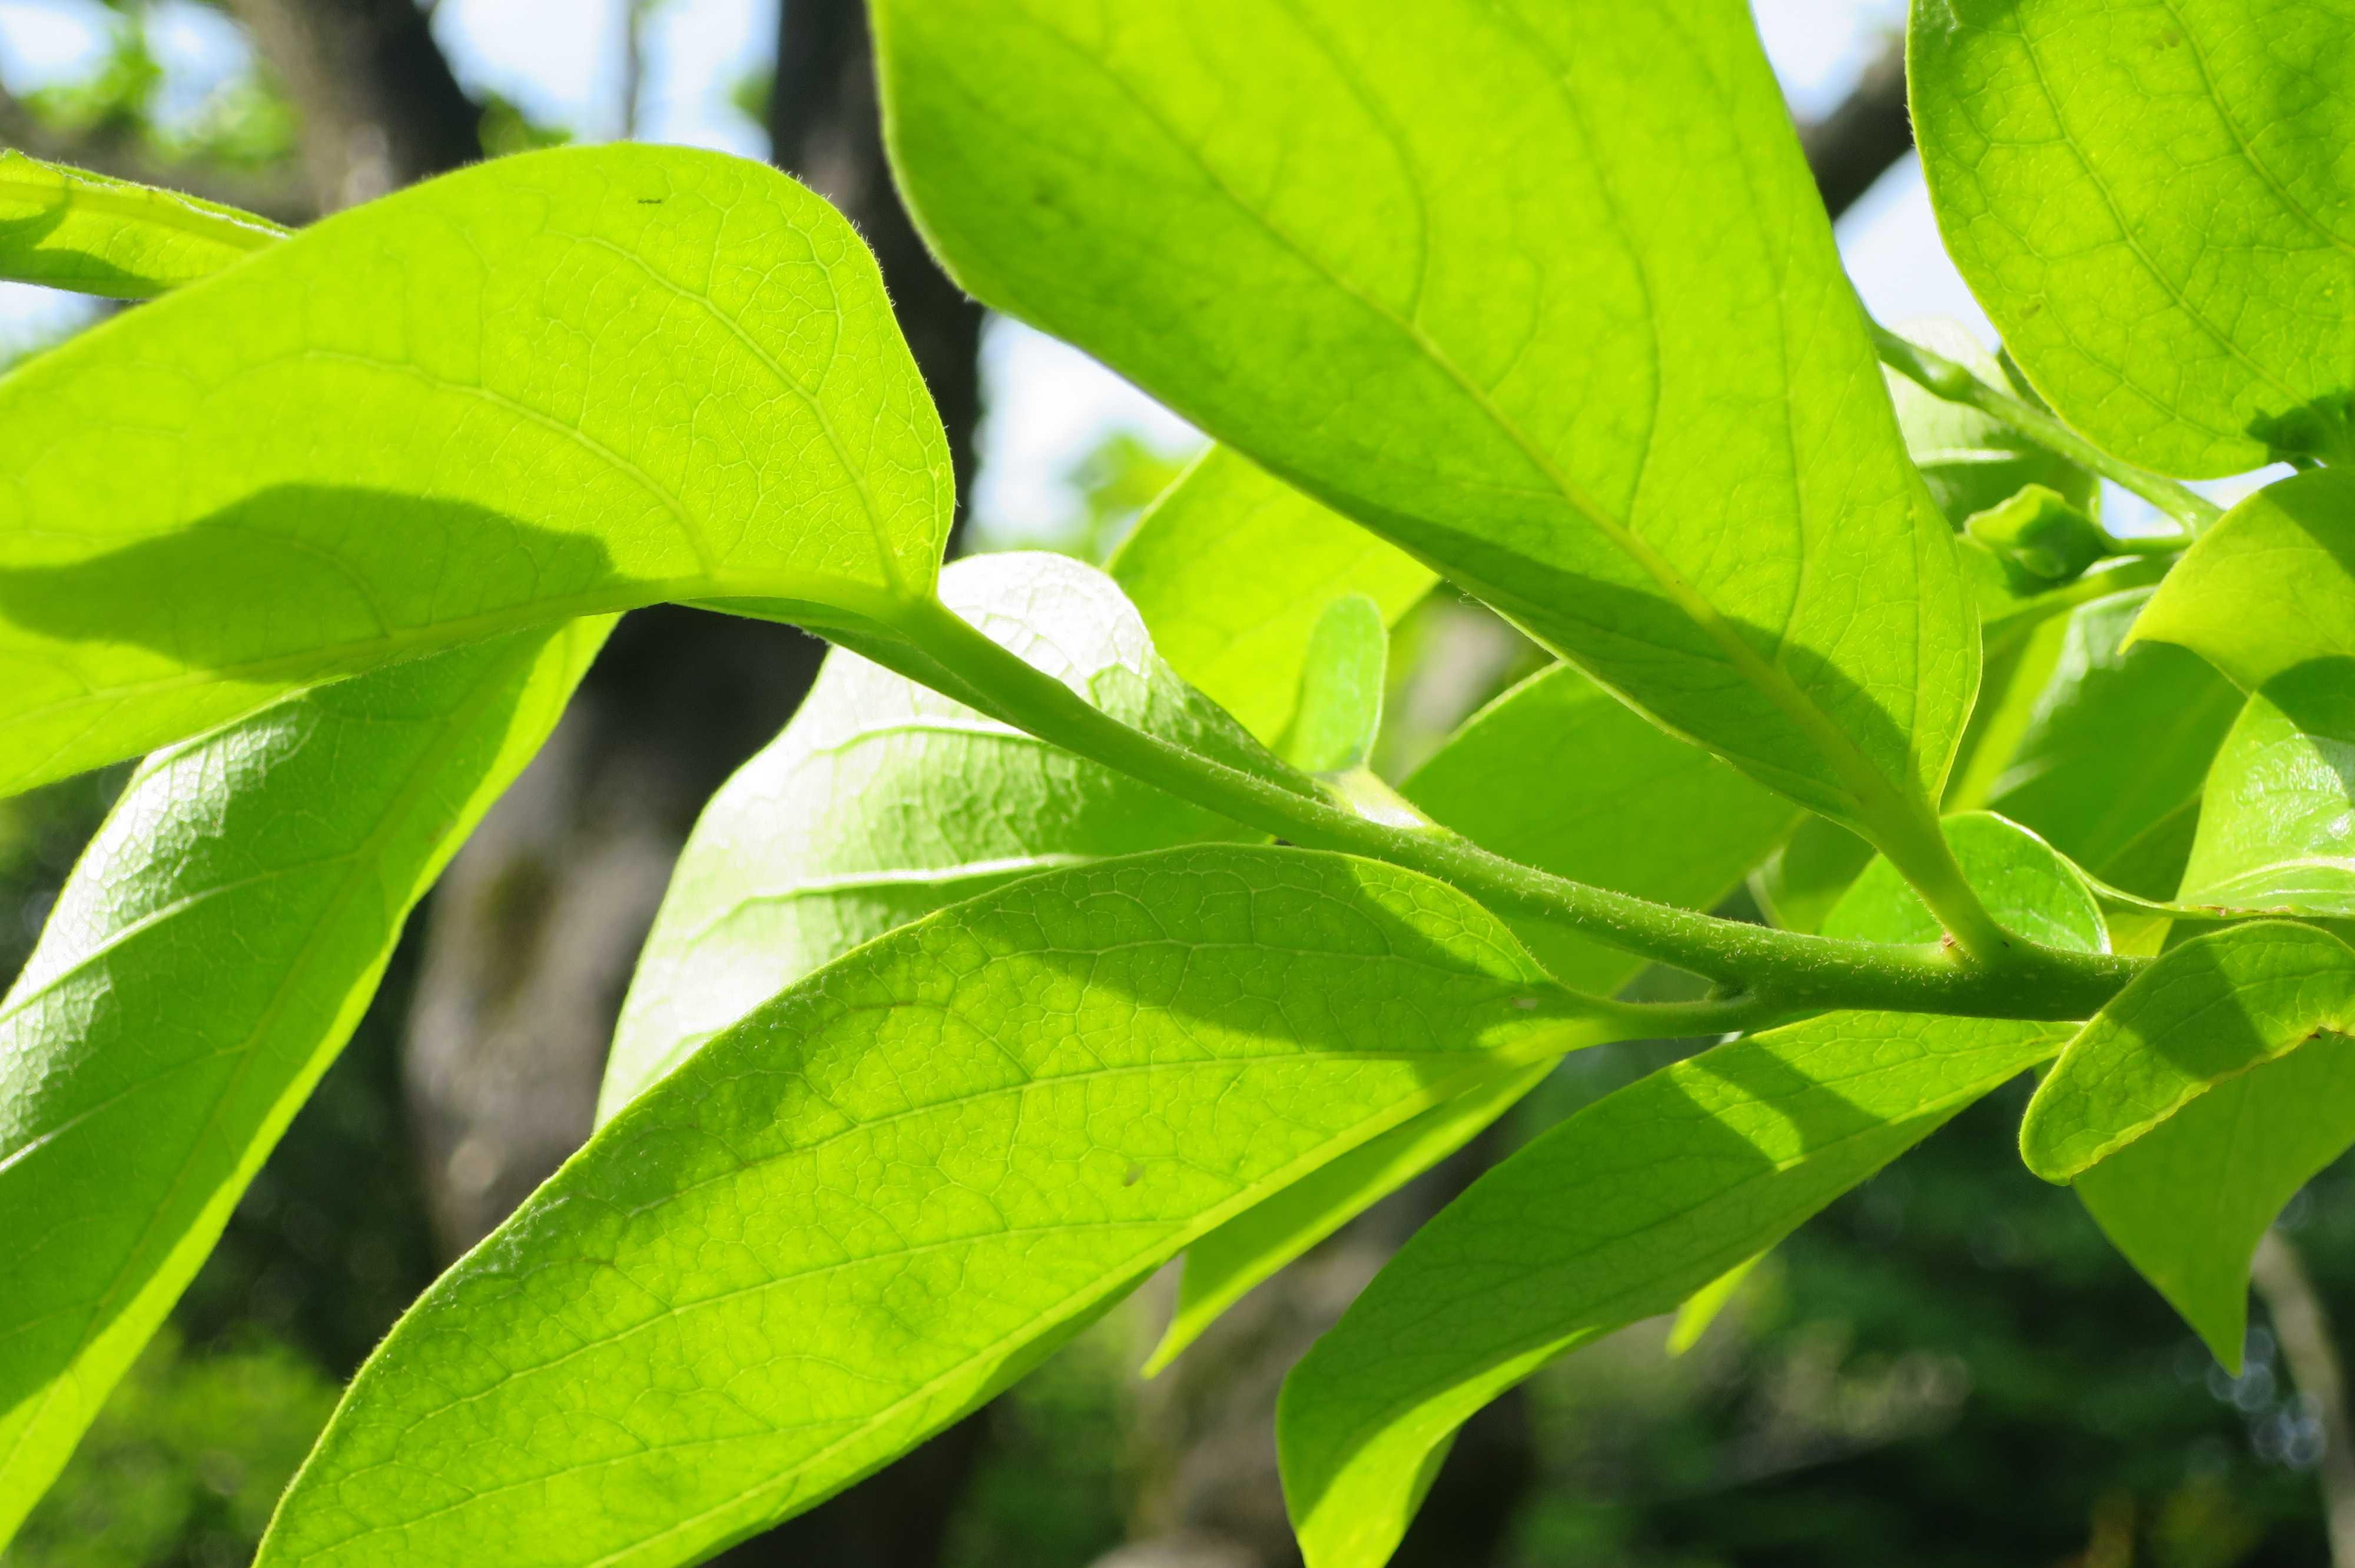 柿若葉の透き通るようなグリーン